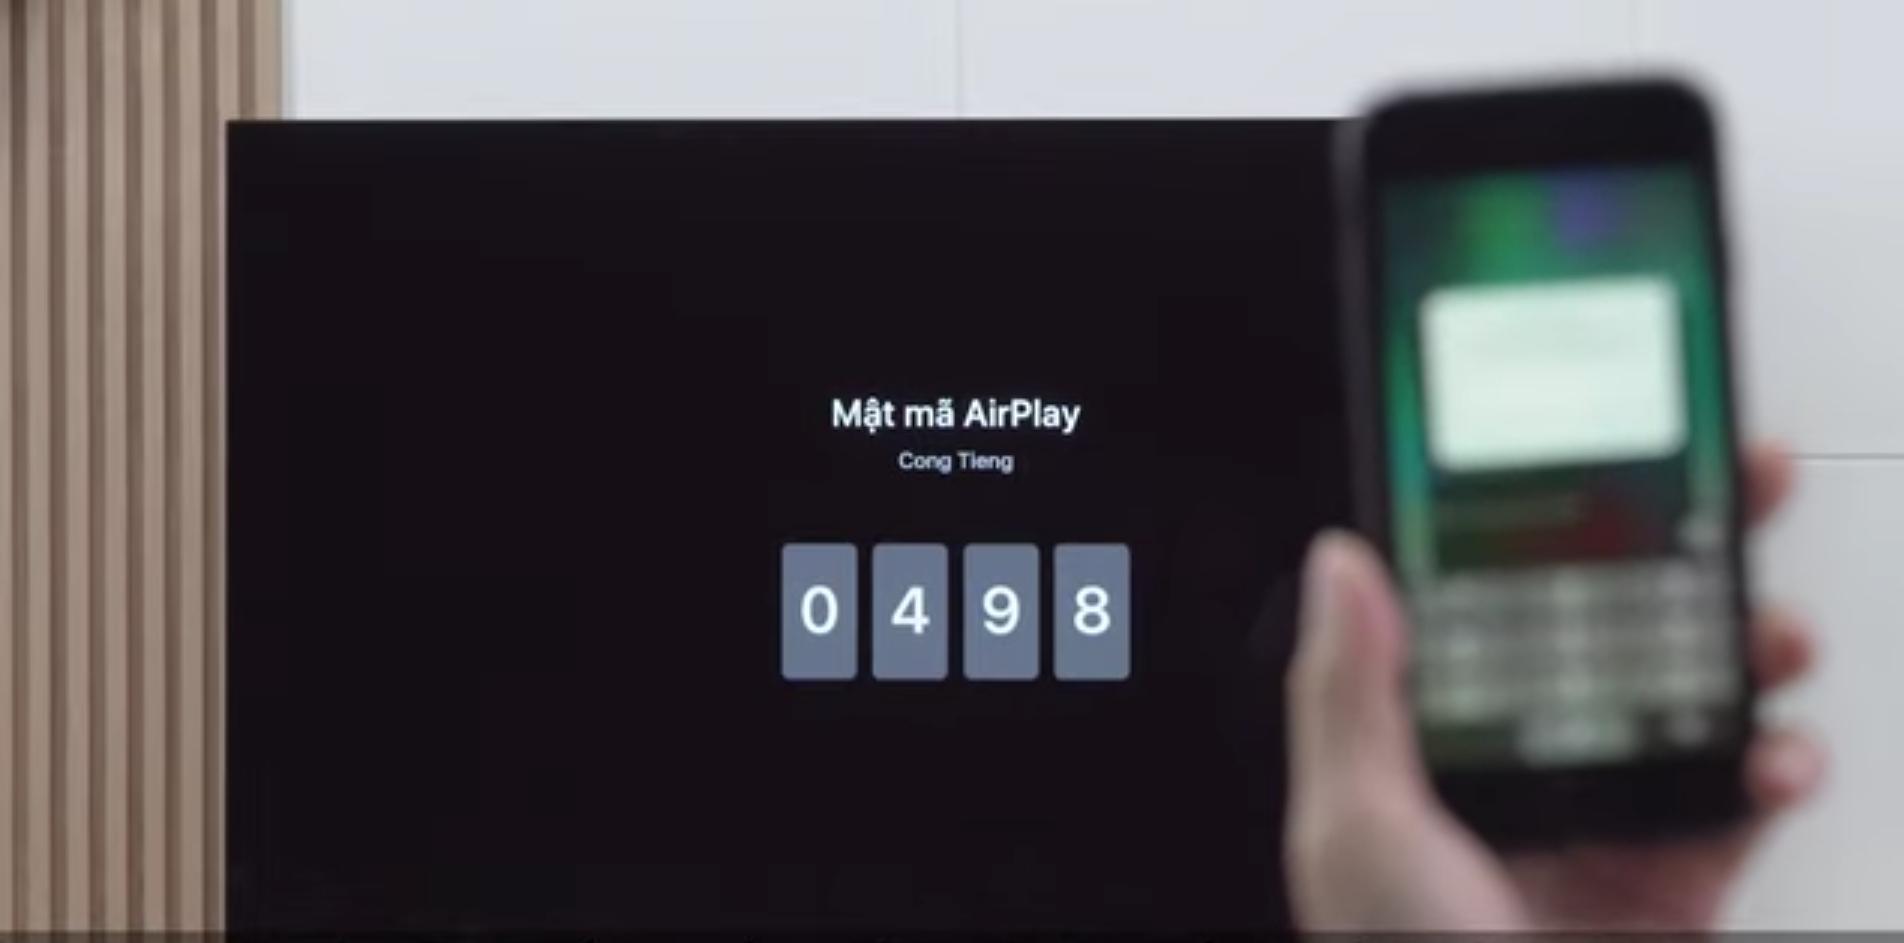 Nhập mã PIN hiện trên màn hình Tivi vào điện thoại để kết nối